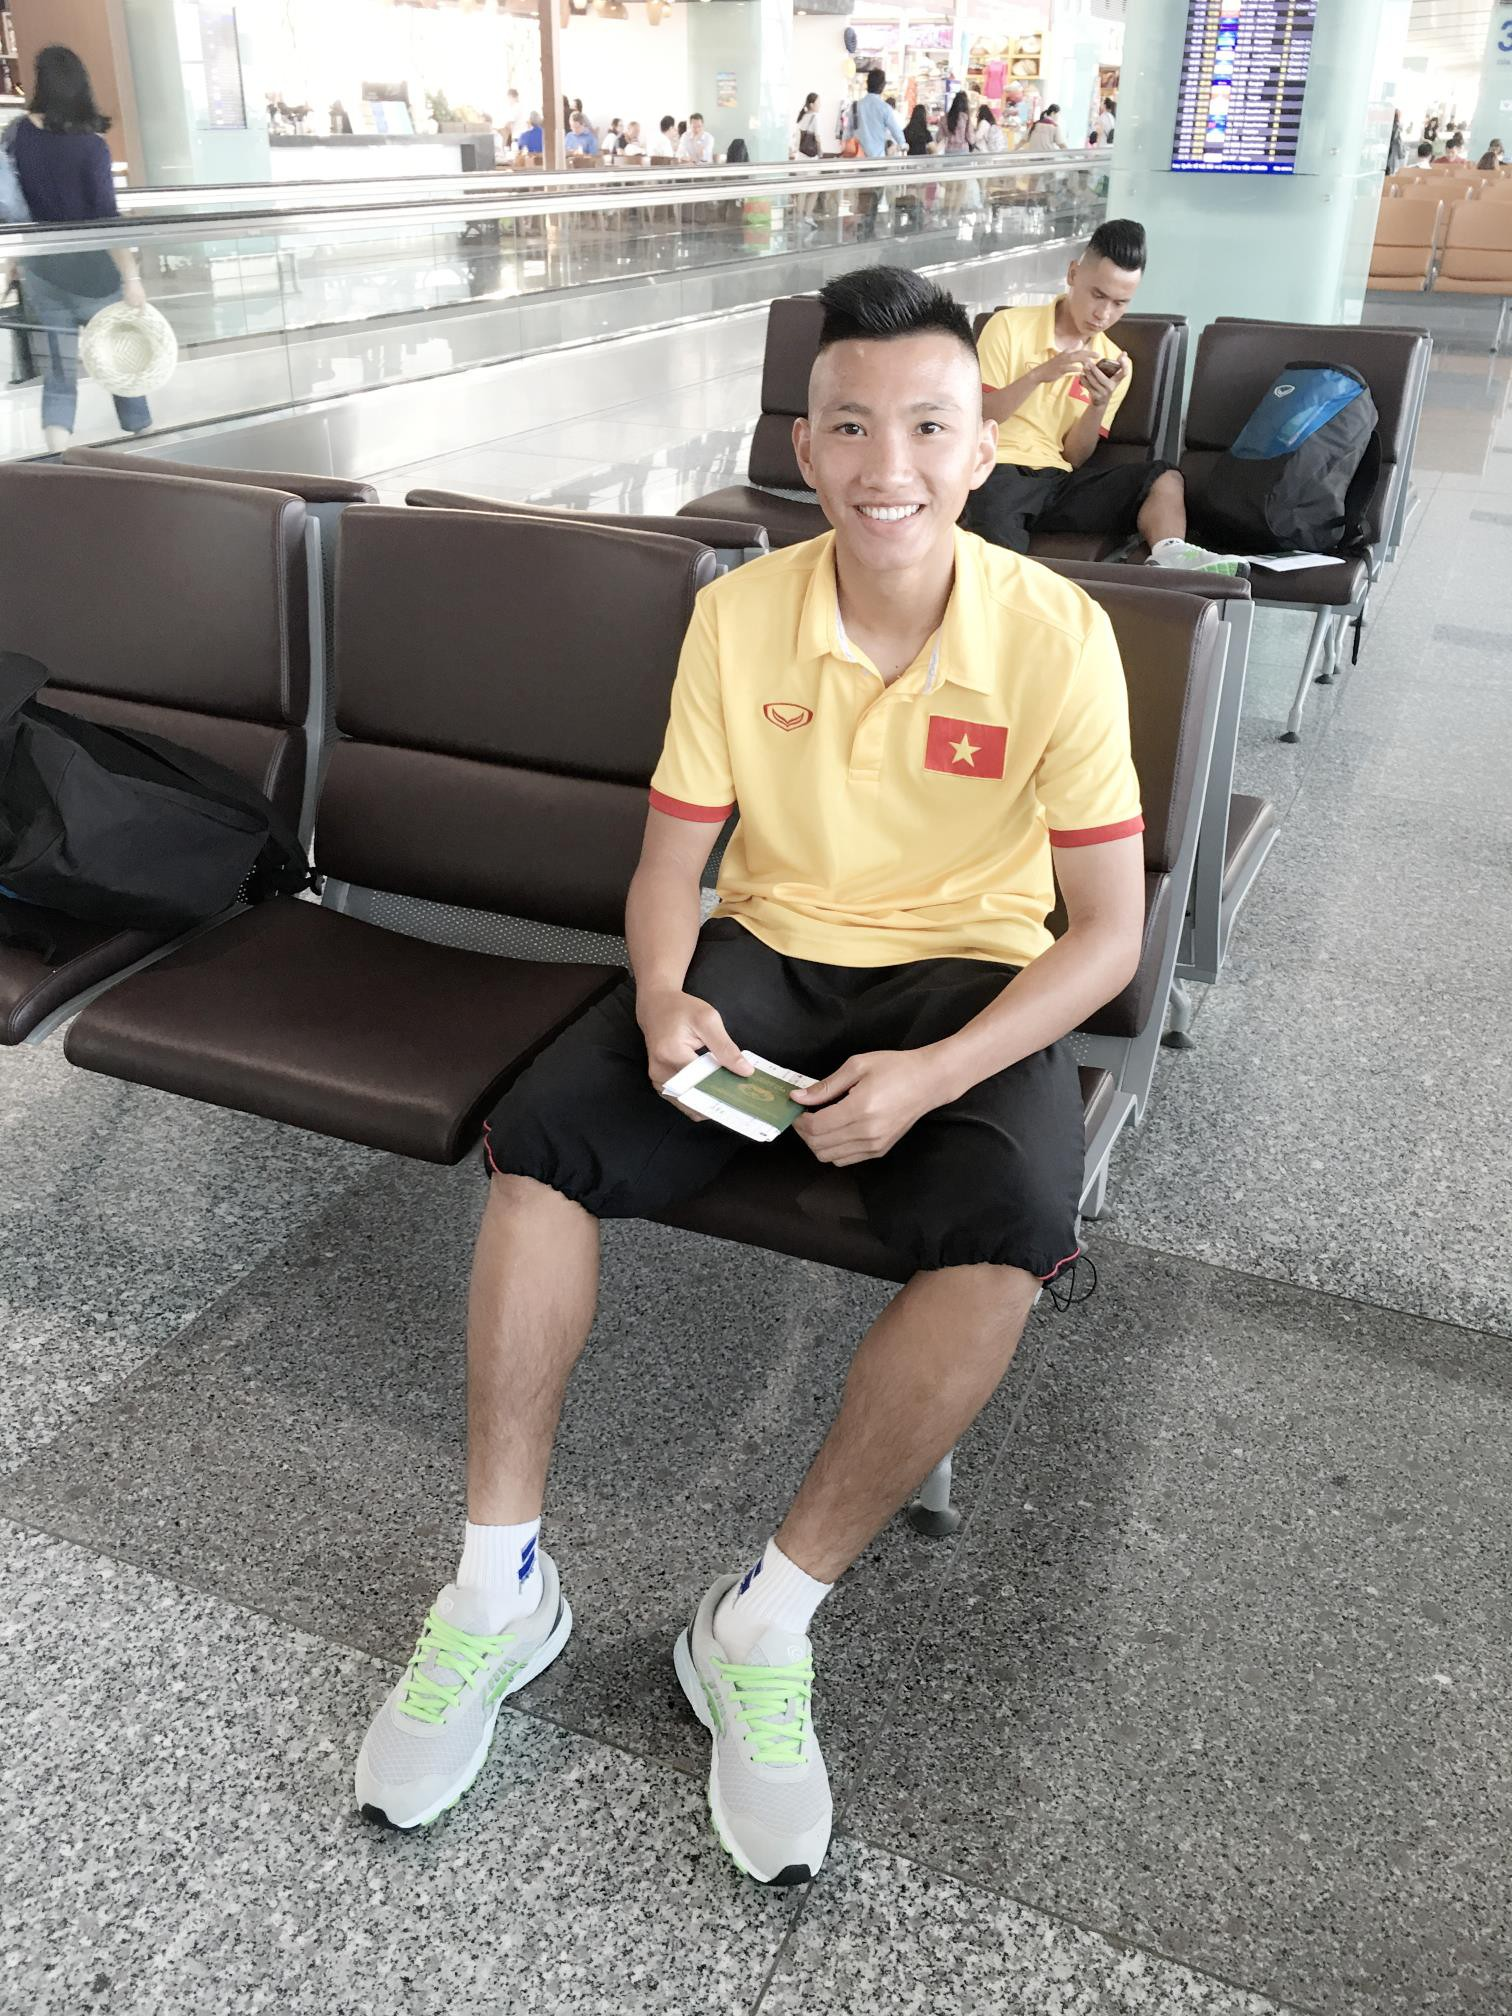 Nhật ký đổi tóc của U23 Việt Nam: Nếu việc đổi tóc nói lên tính cách thì gần như chàng nào cũng chung tình! - Ảnh 24.